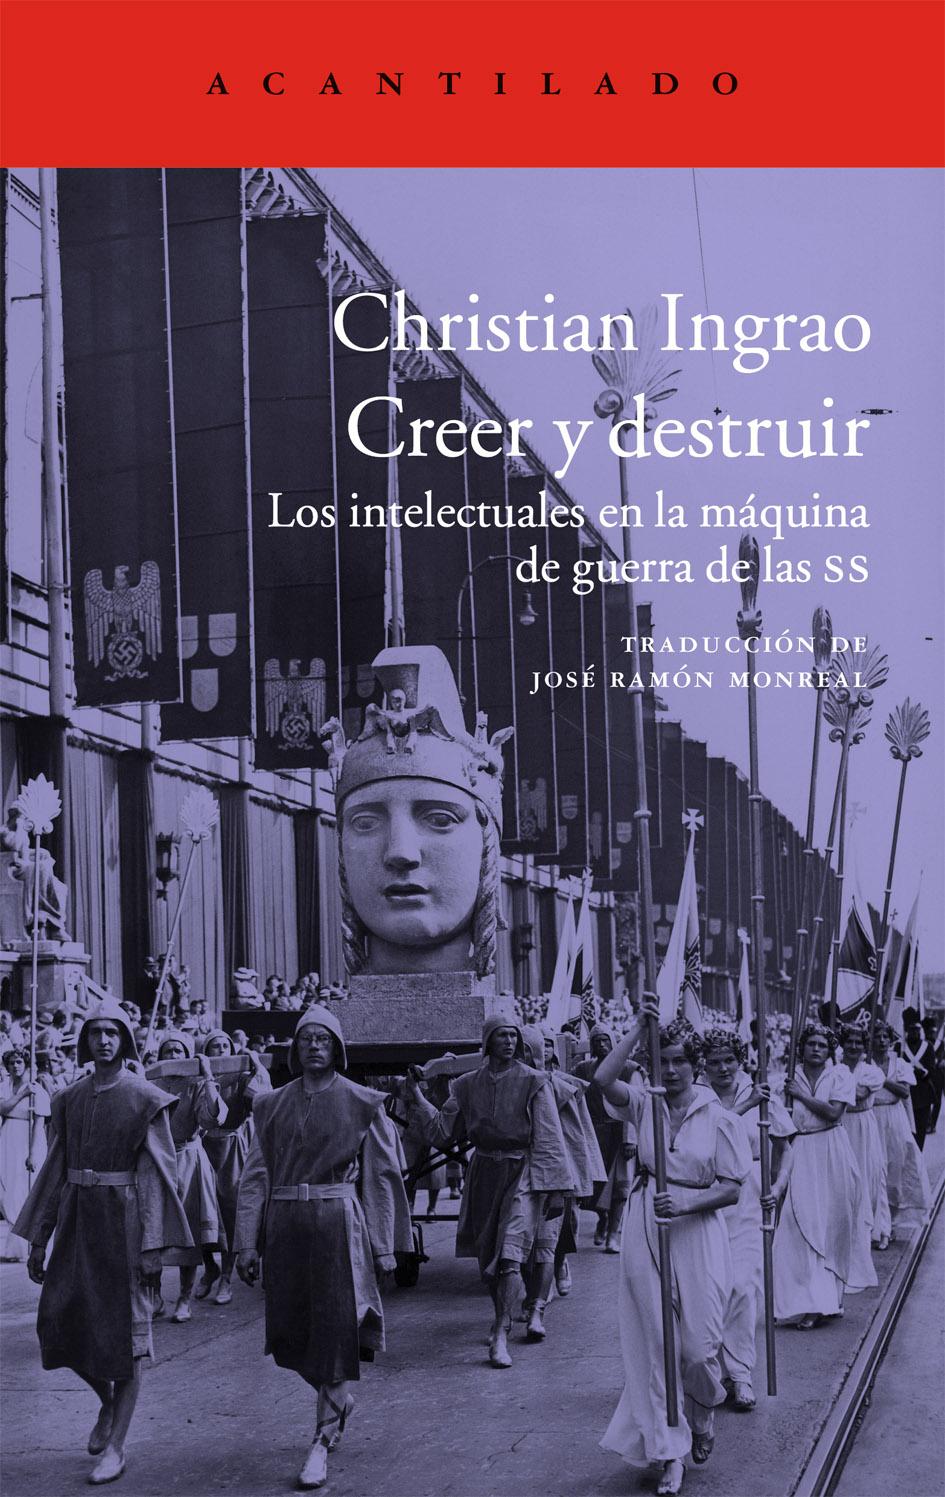 CREER Y DESTRUIR. LOS INTELECTUALES EN LA MÁQUINA DE GUERRA DE LAS SS - Christian Ingrao